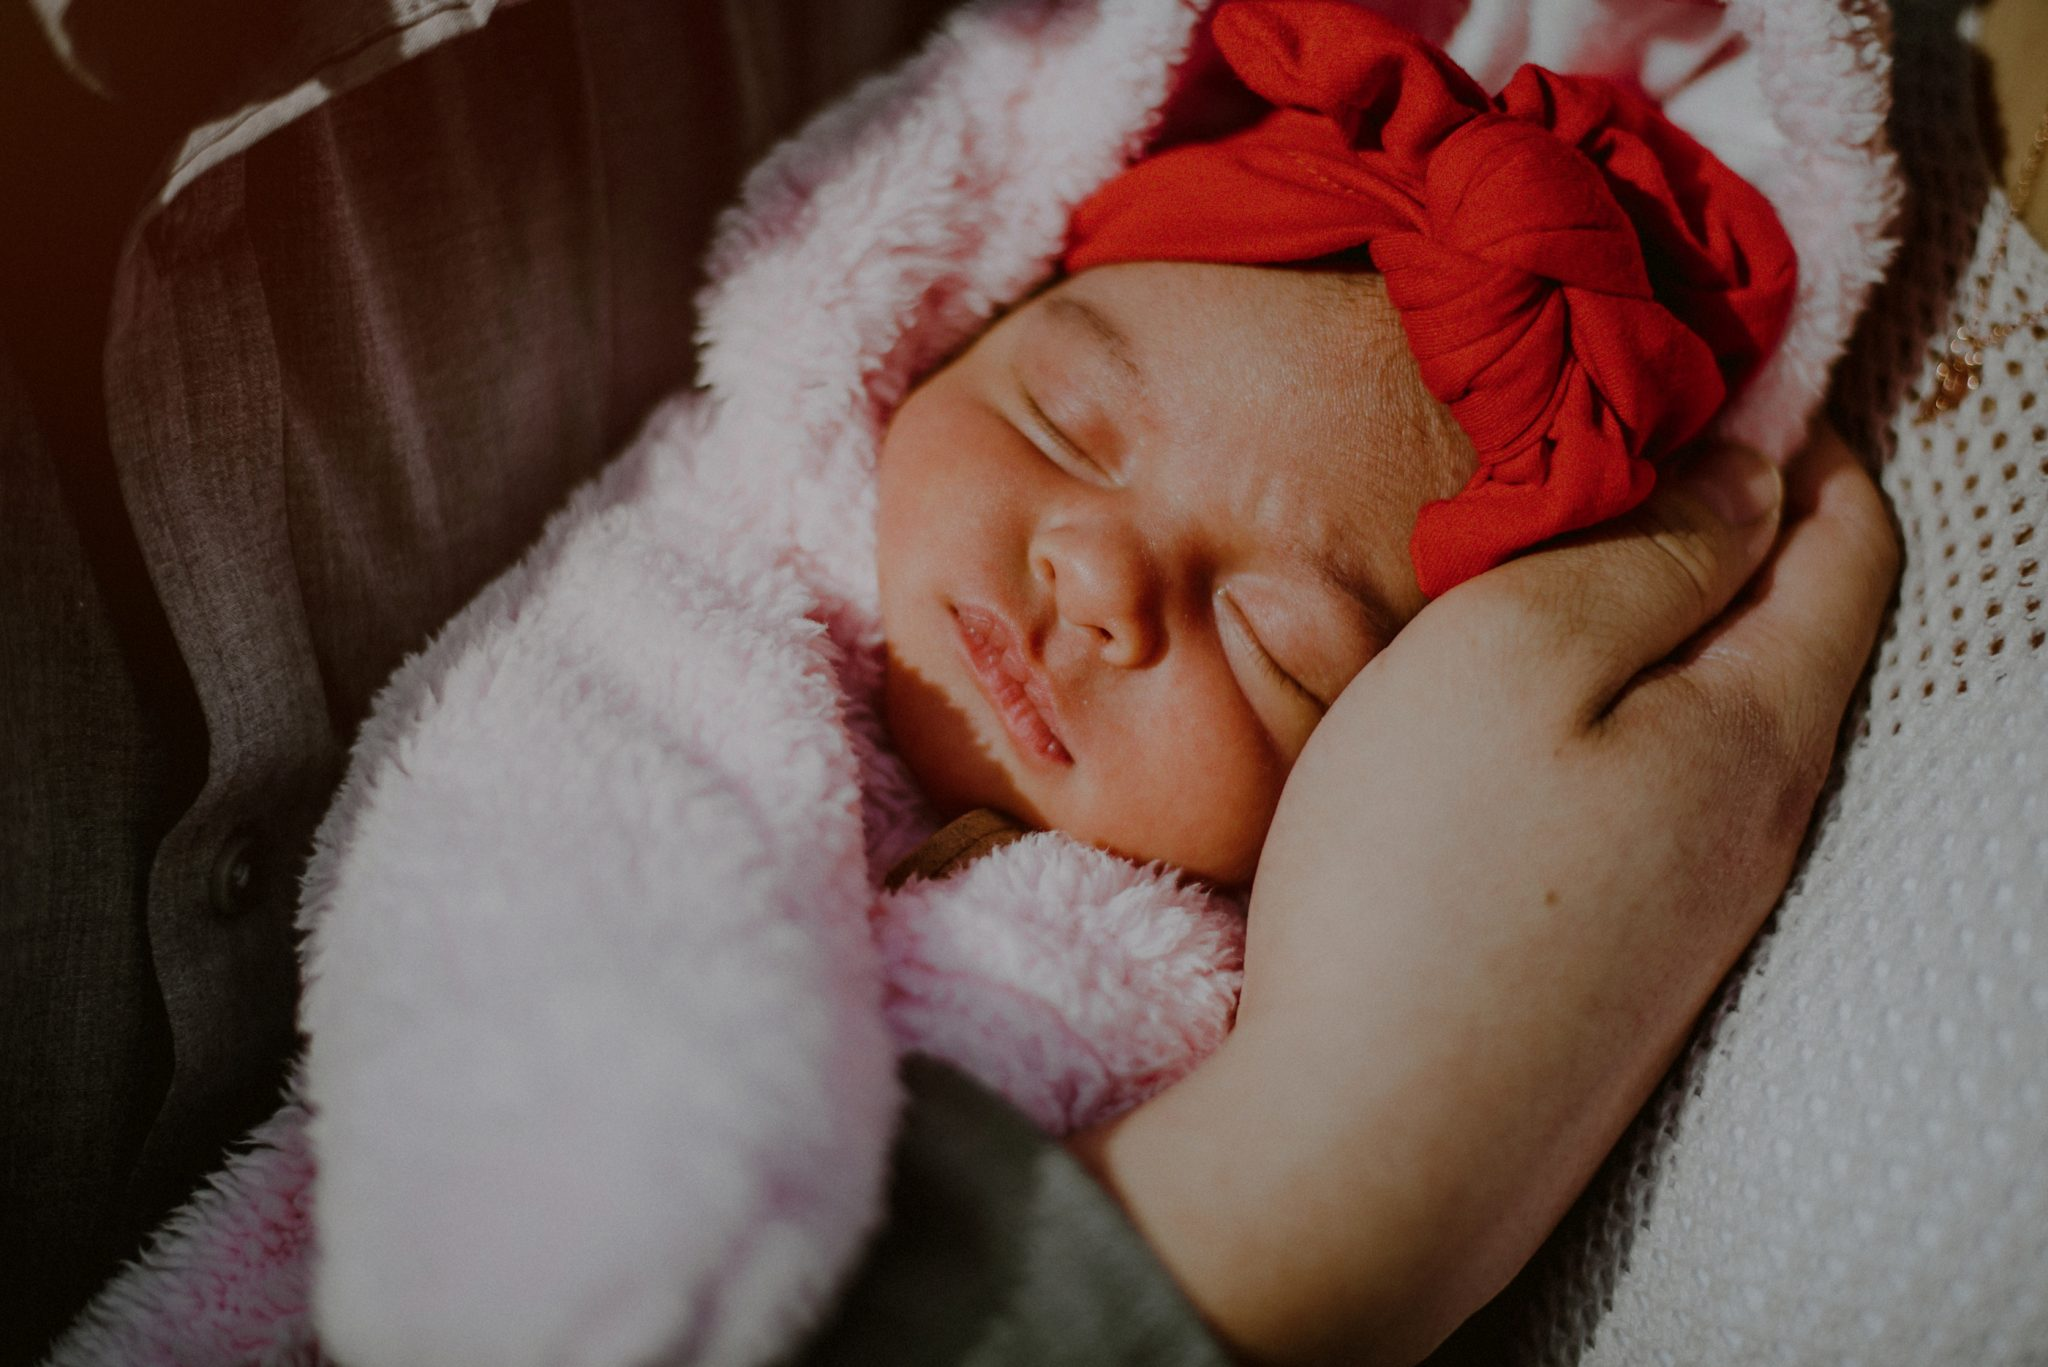 close up of face in newborn portrait